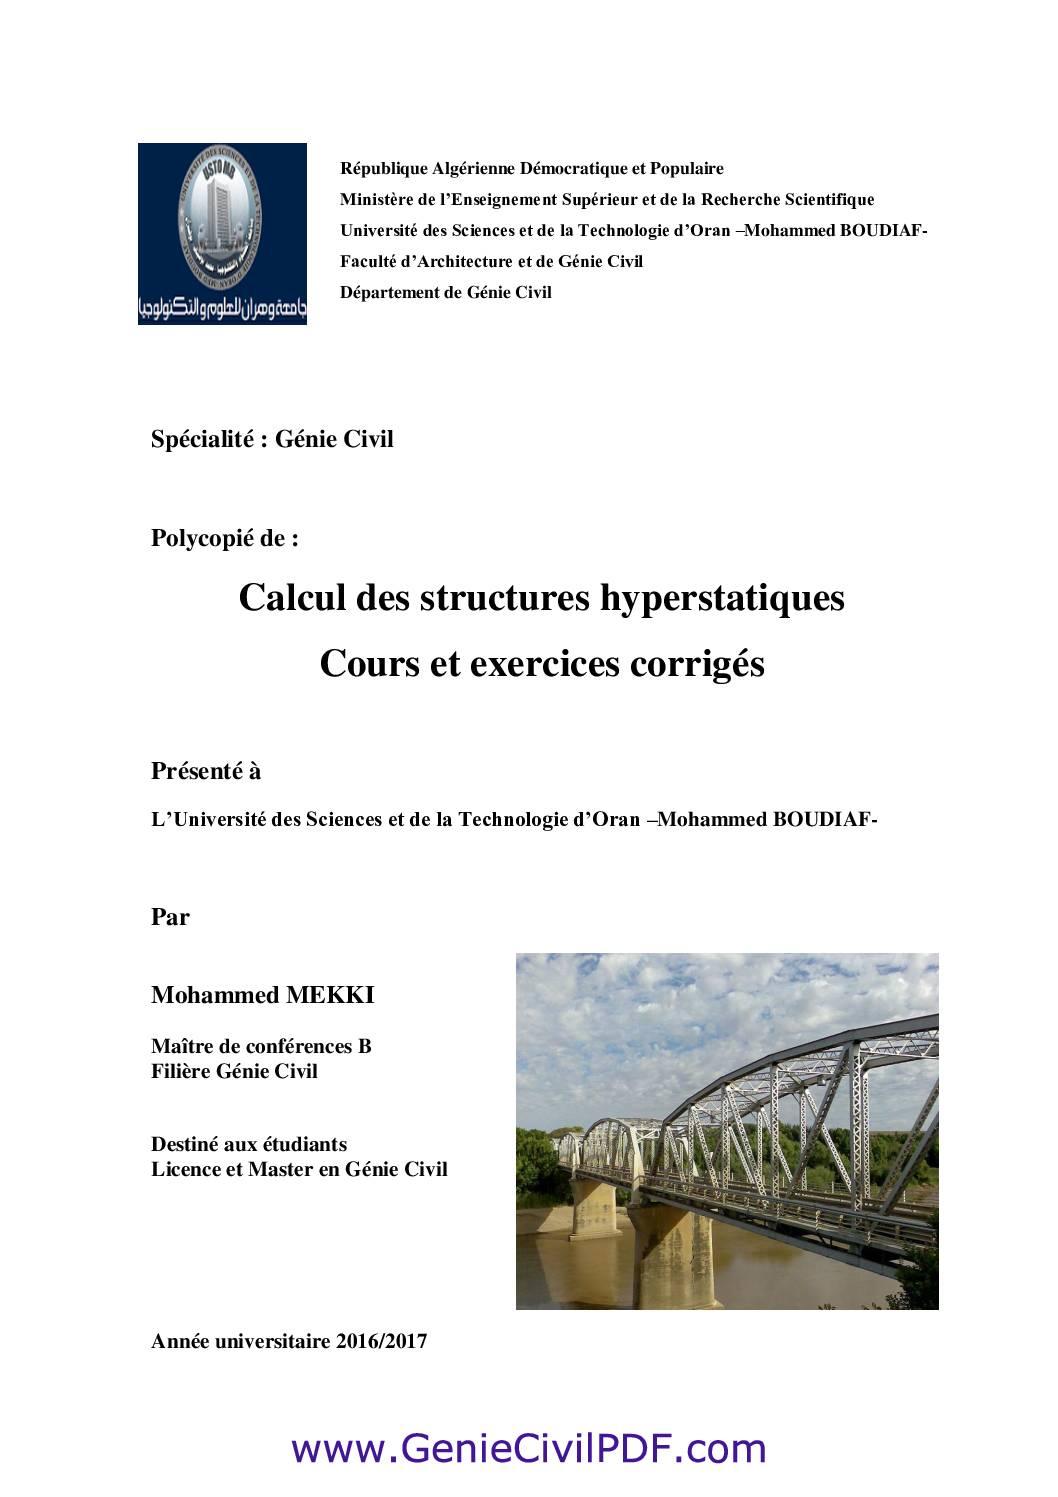 Calcul des structures hyperstatiques Cours et exercices corrigés